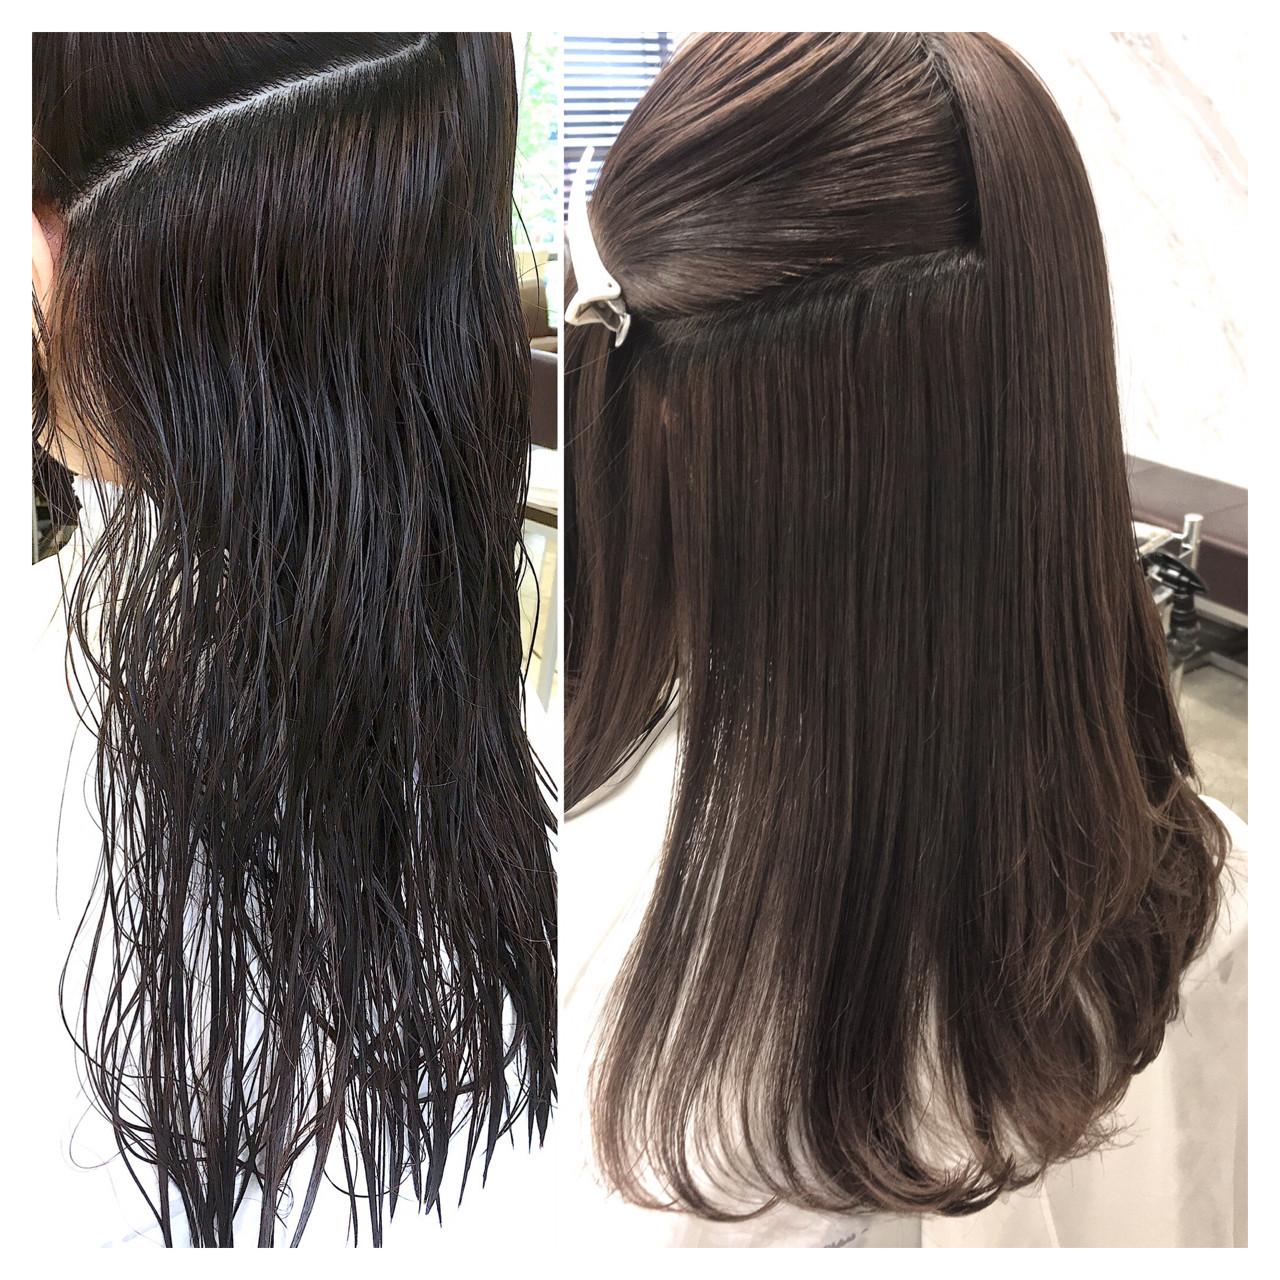 縮毛矯正 オフィス パーマ リラックス ヘアスタイルや髪型の写真・画像 | ABBEY2 横田 雄哉 / ABBEY2